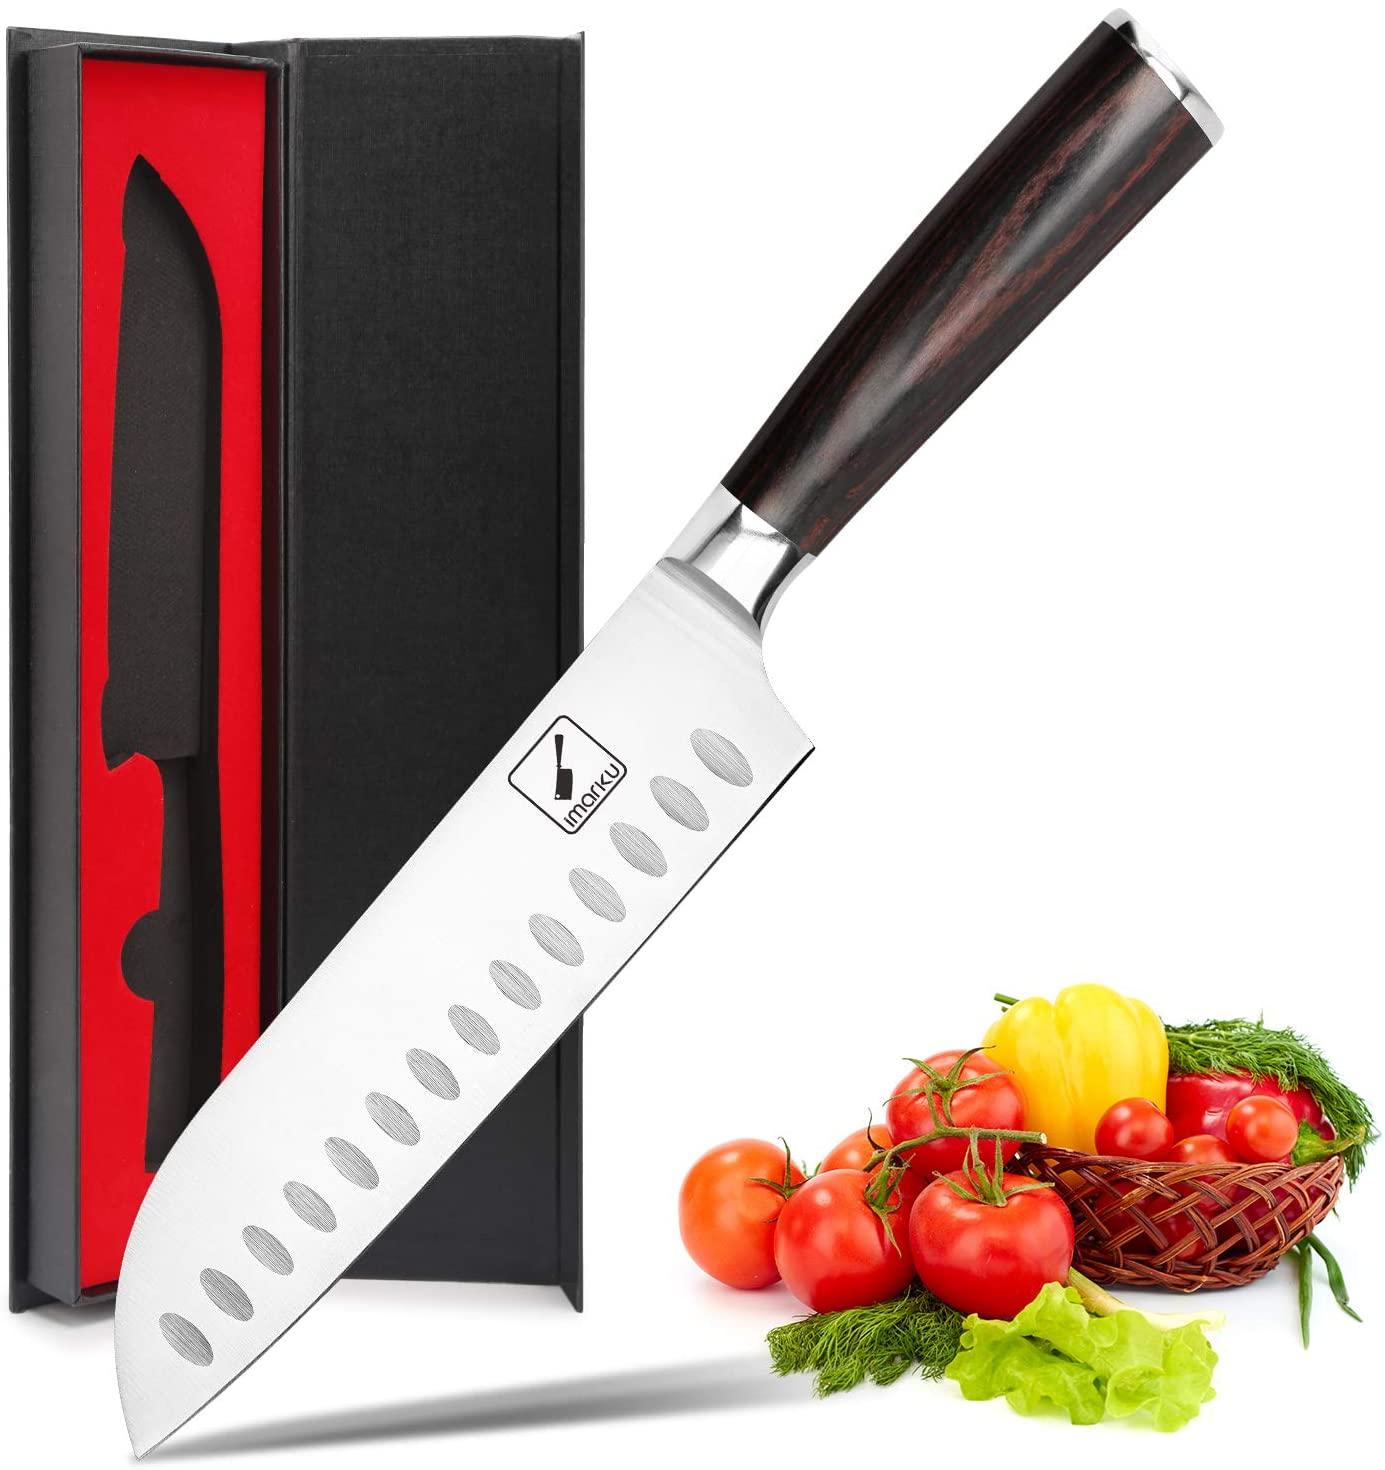 Imarku 7 Inch Santoku Knife With Pakkawood Handle